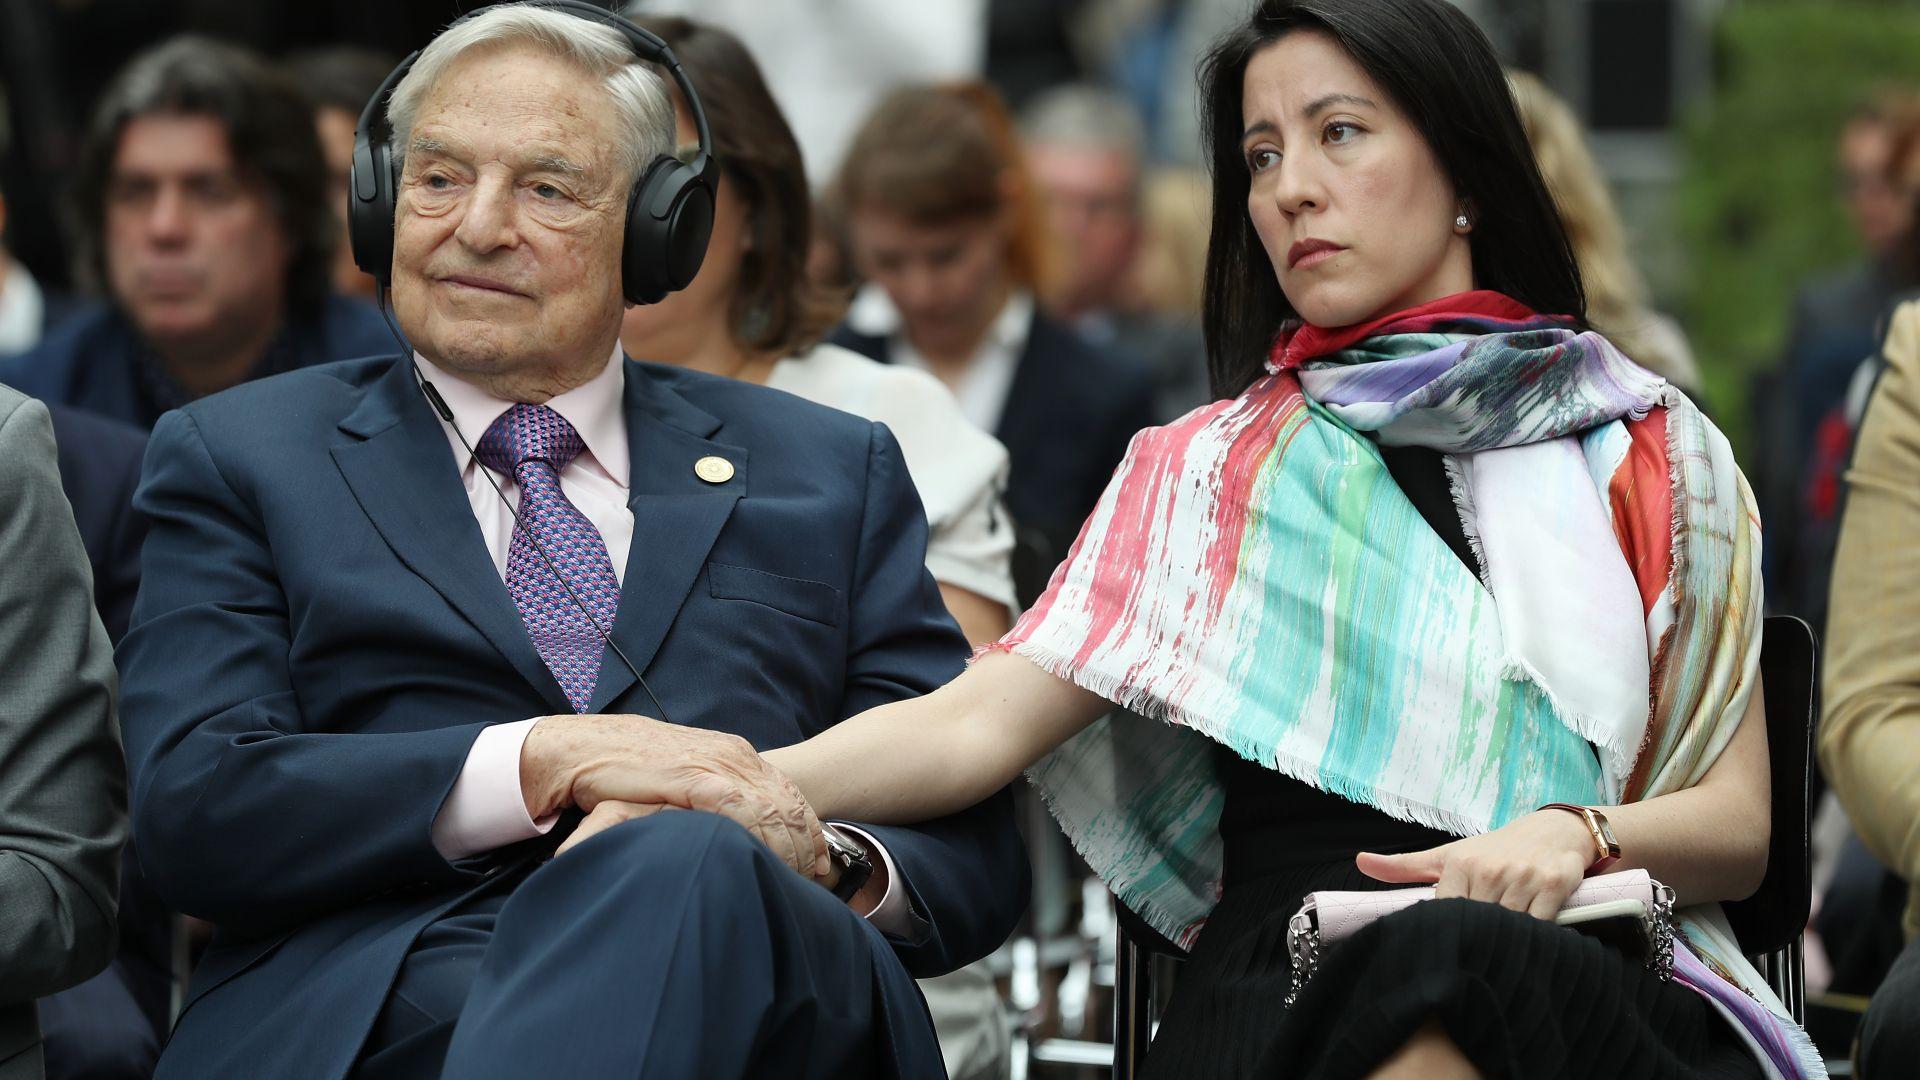 Сорос ще инвестира милиард долара за мобилизация срещу диктаторите